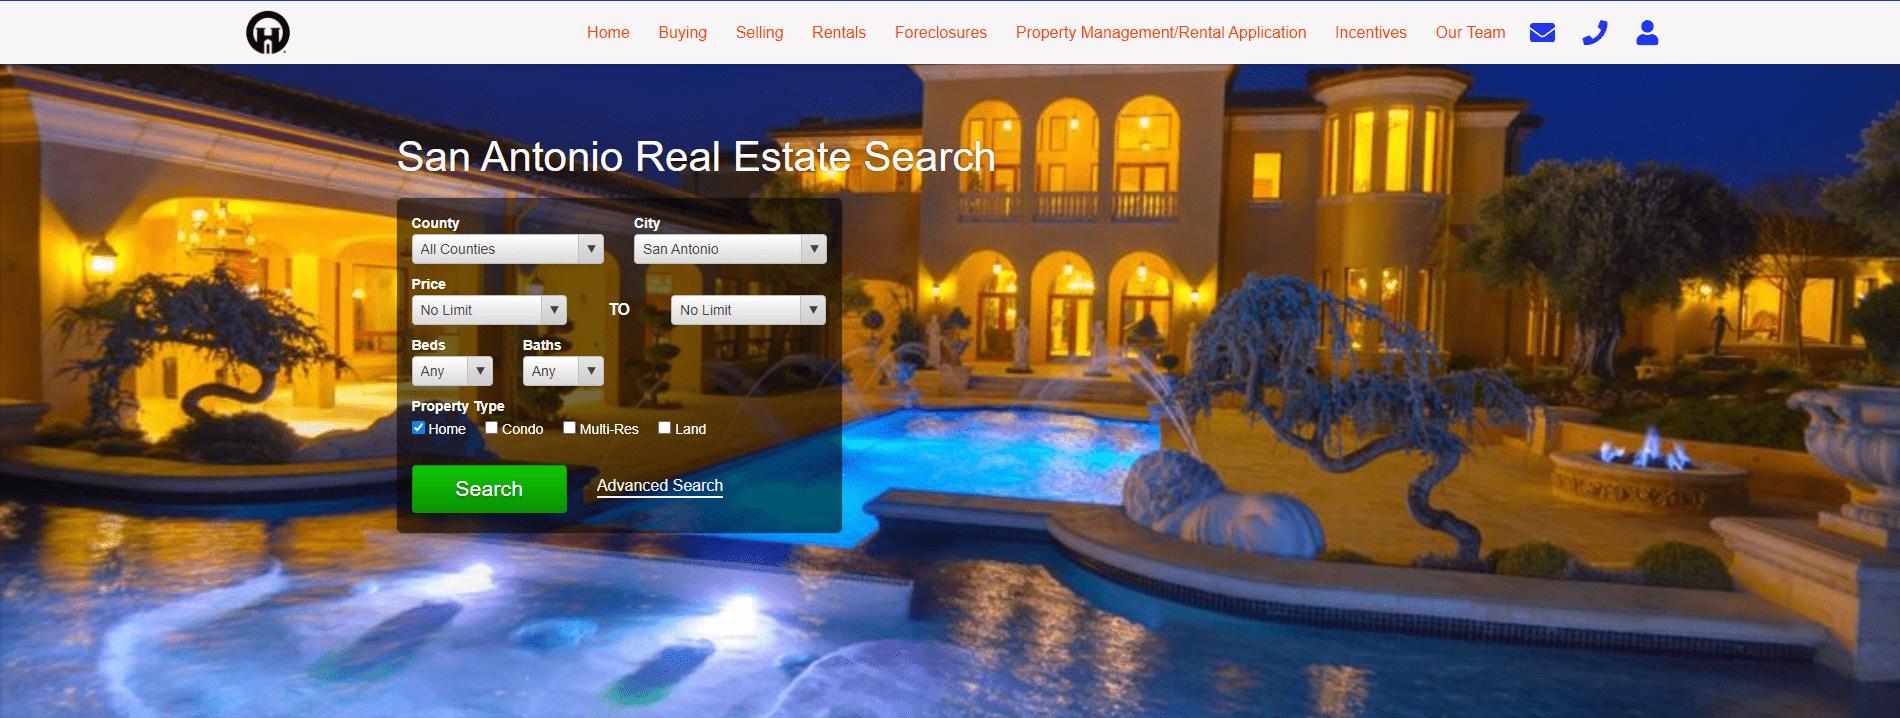 San Antonio meilleur agent immobilier